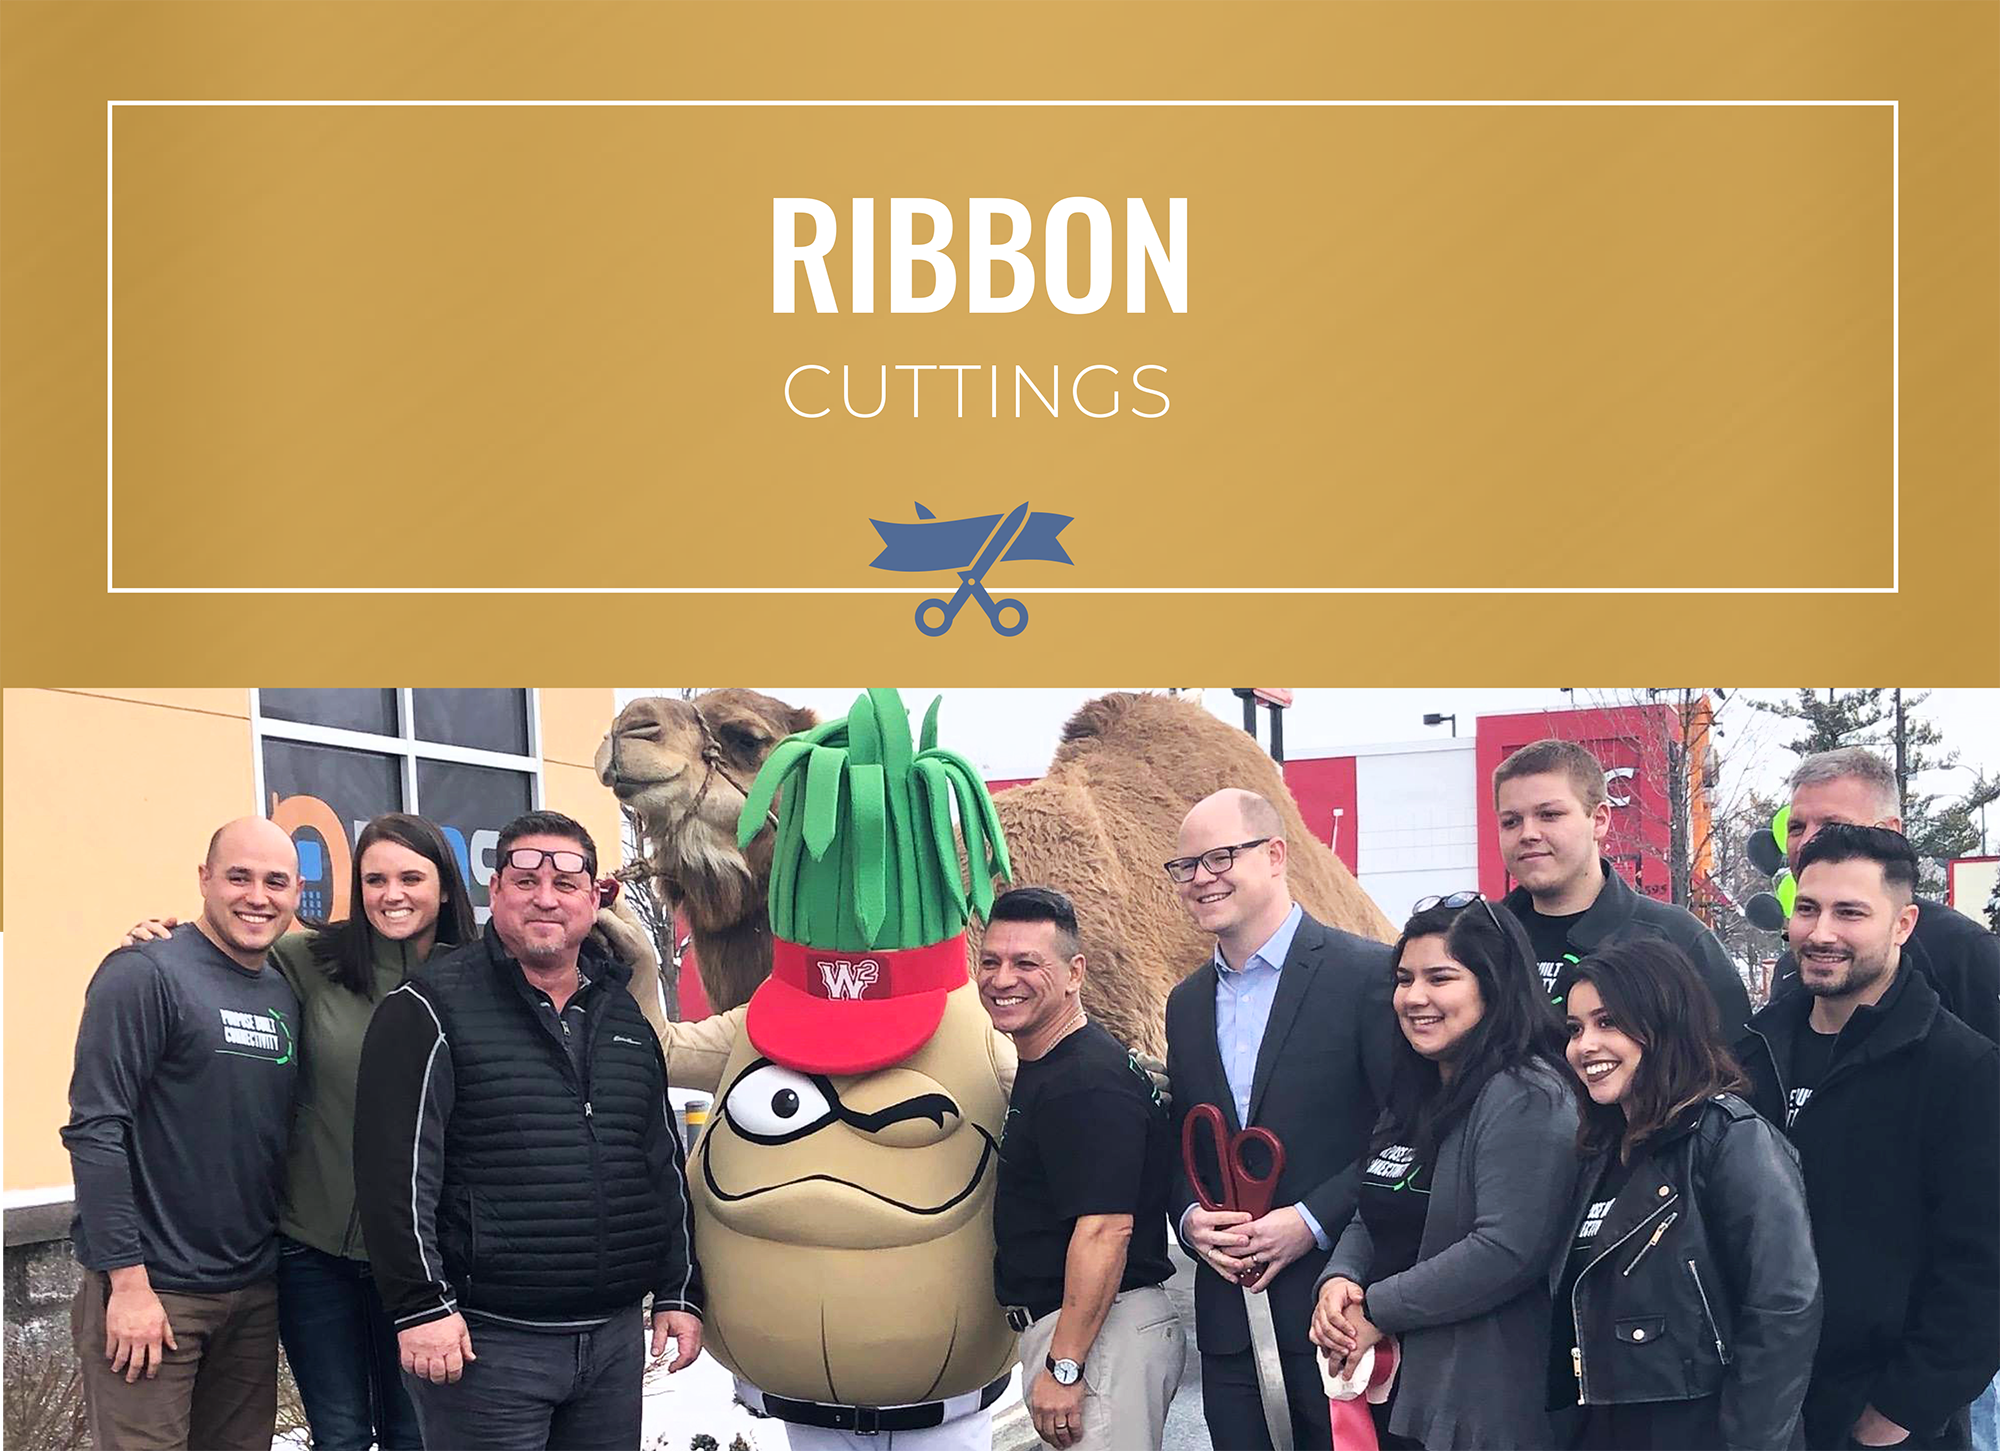 RibbonCuttings_WebPage.png